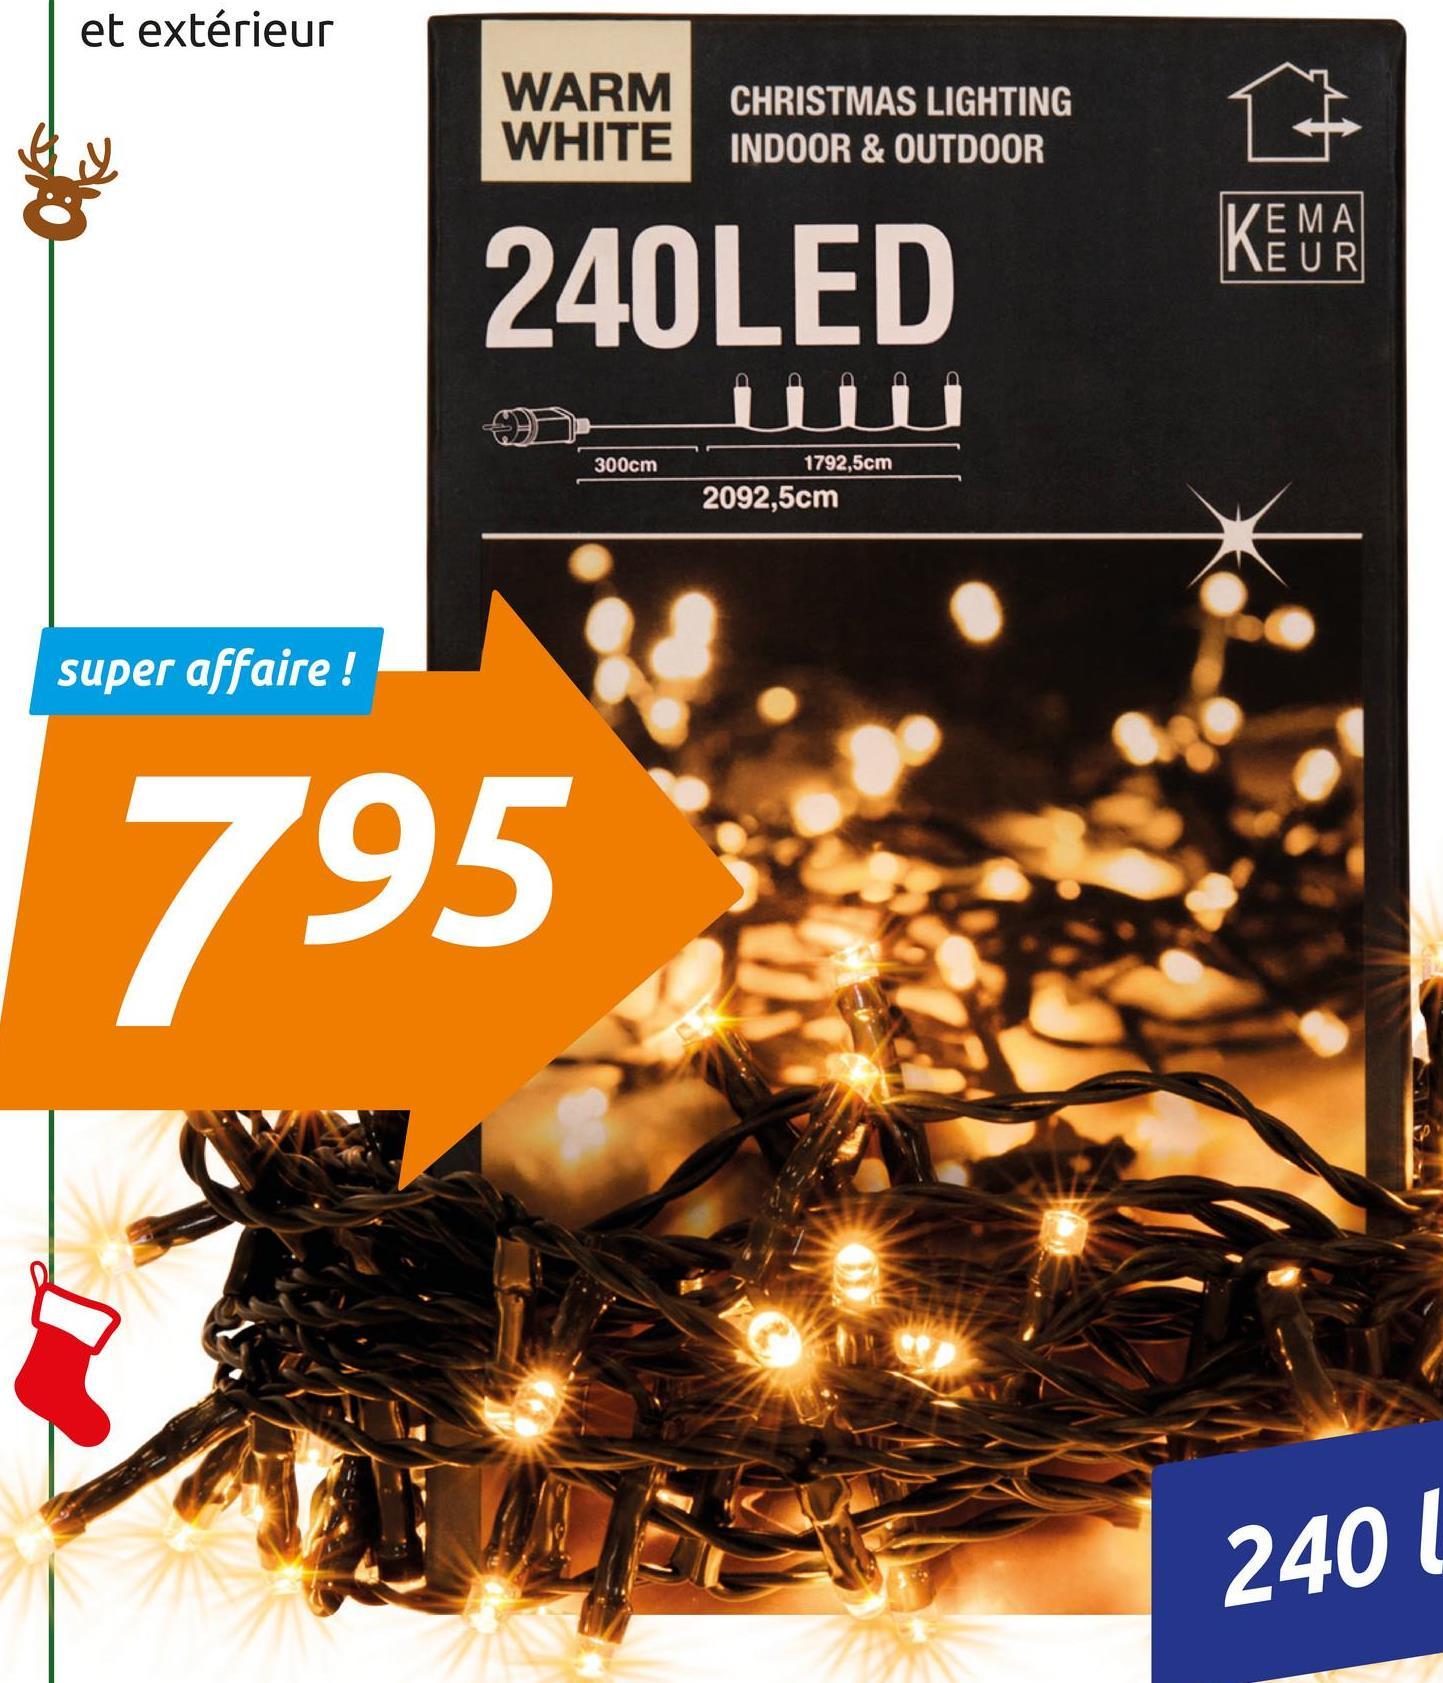 et extérieur WARM WHITE CHRISTMAS LIGHTING INDOOR & OUTDOOR VEMA NEUR 240LED 300cm 1792,5cm 2092,5cm super affaire ! 795 2401